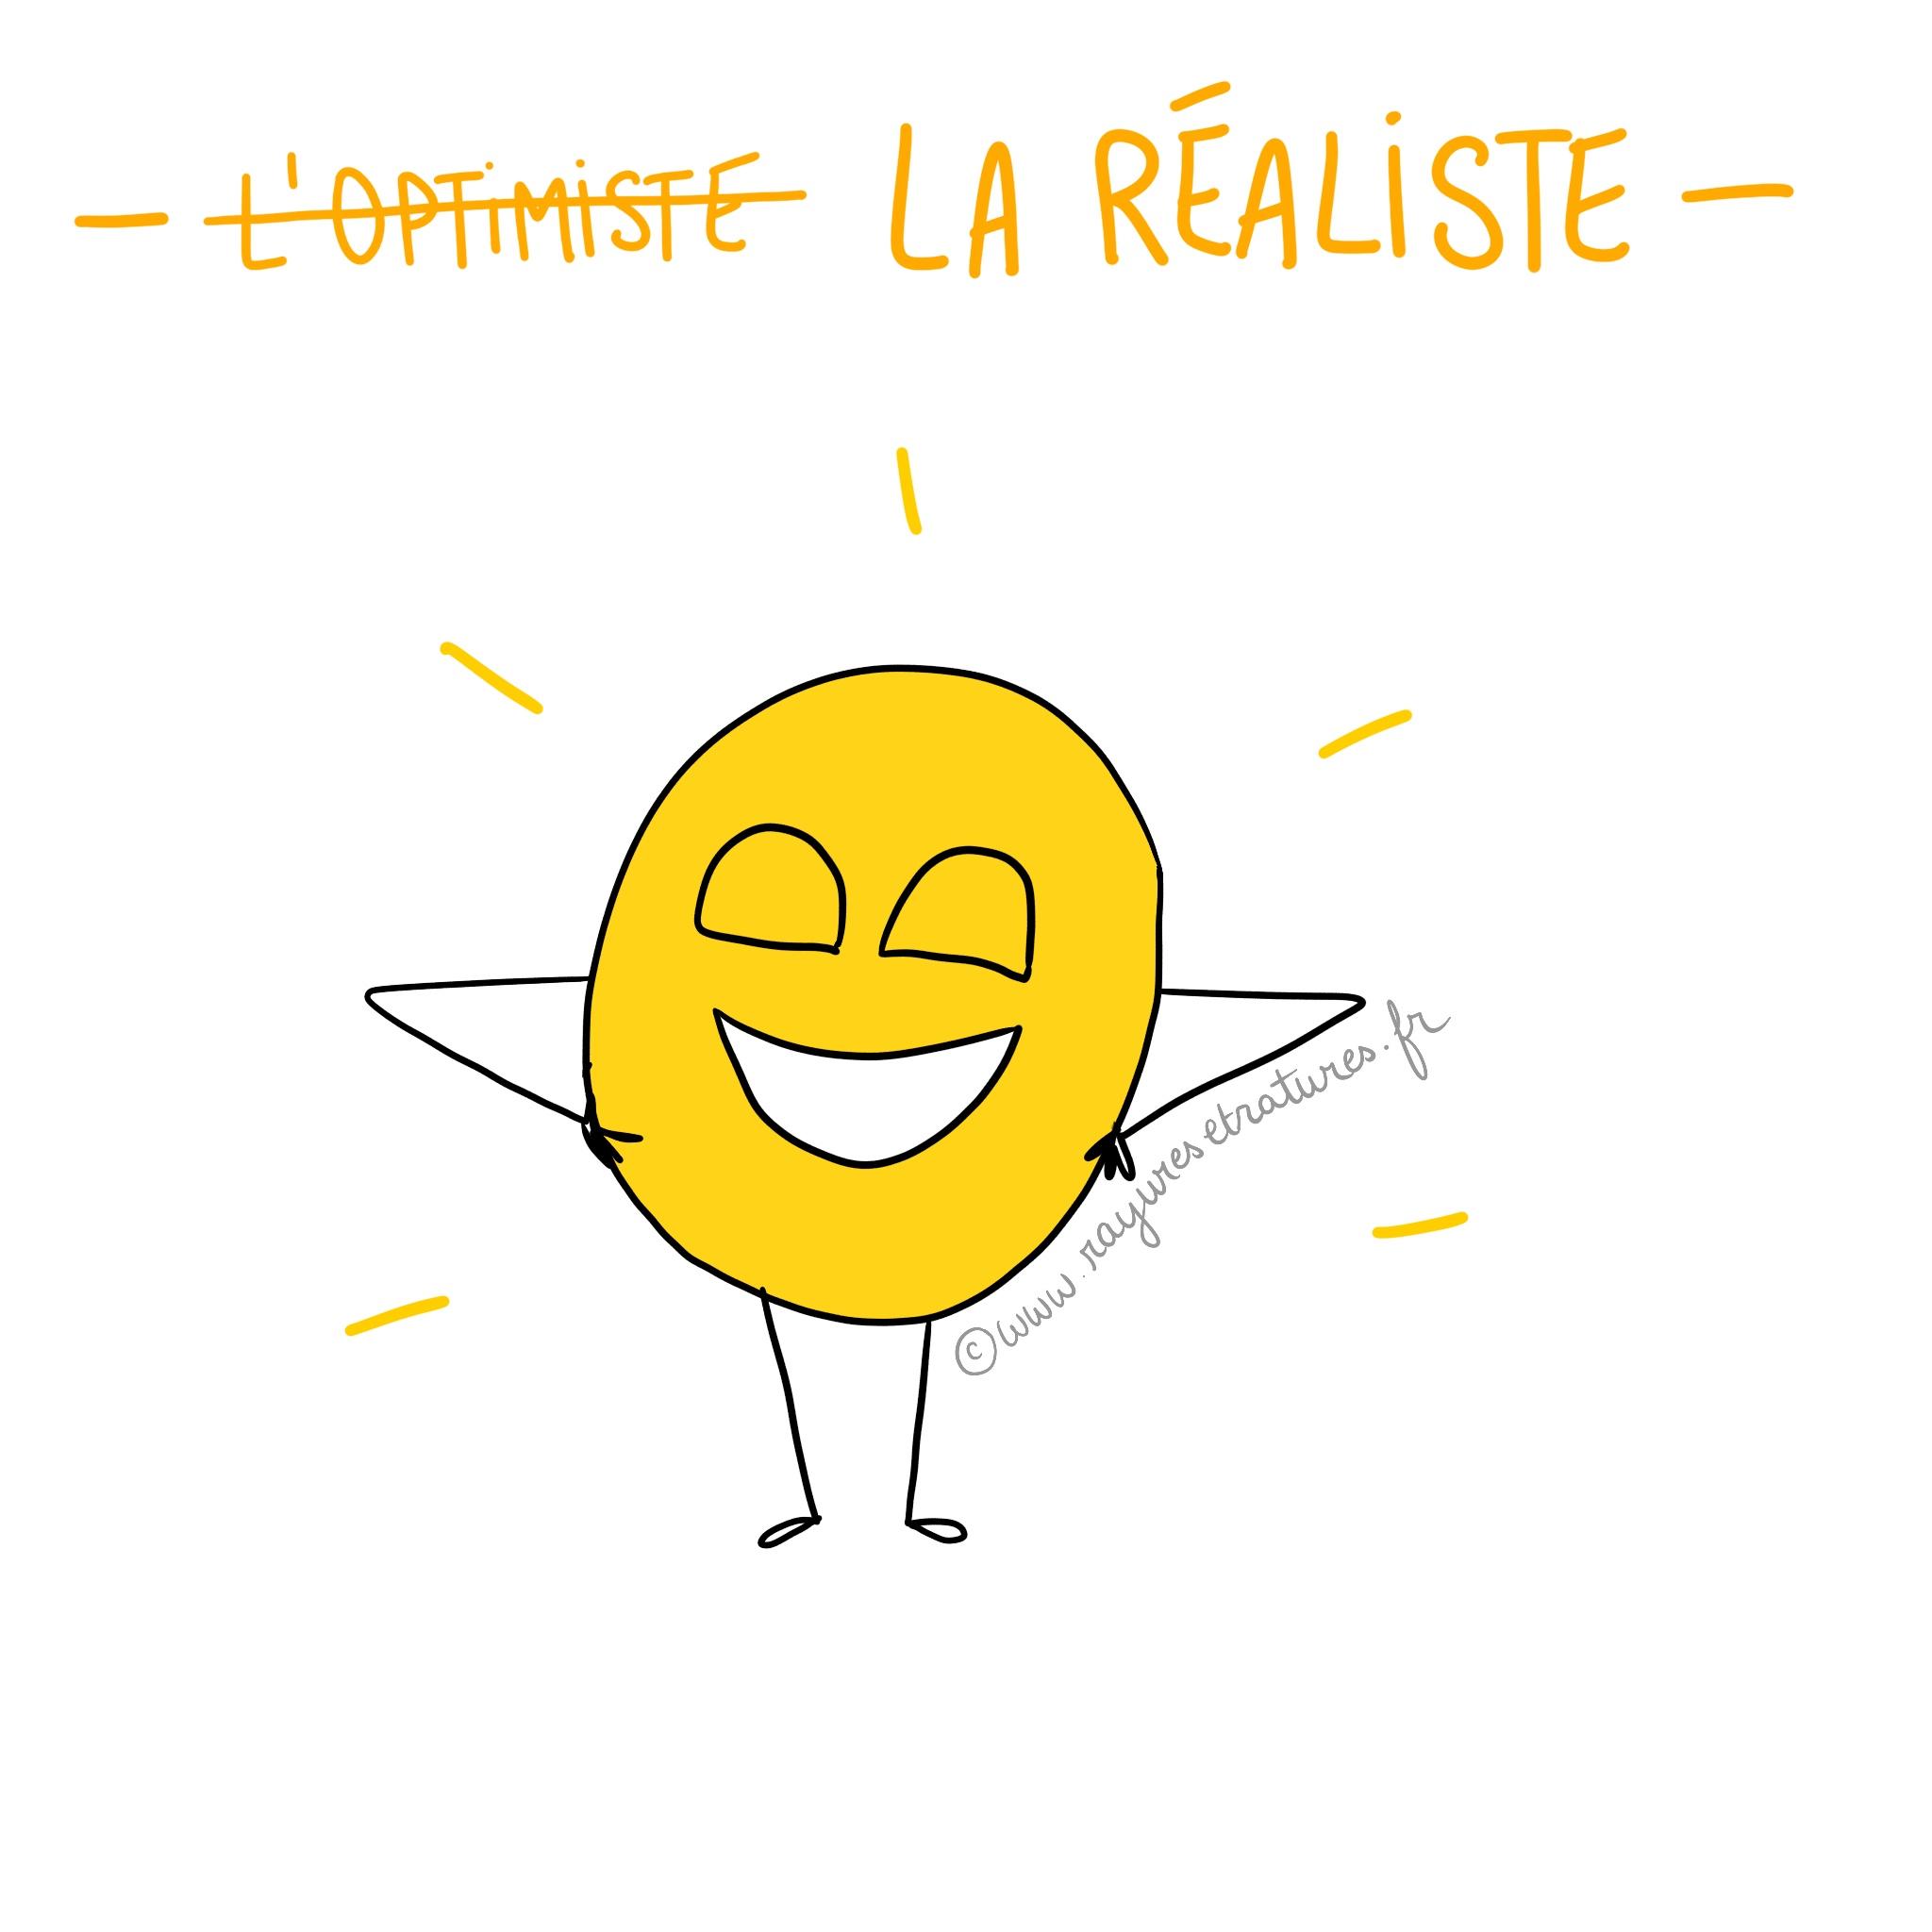 optimiste réaliste